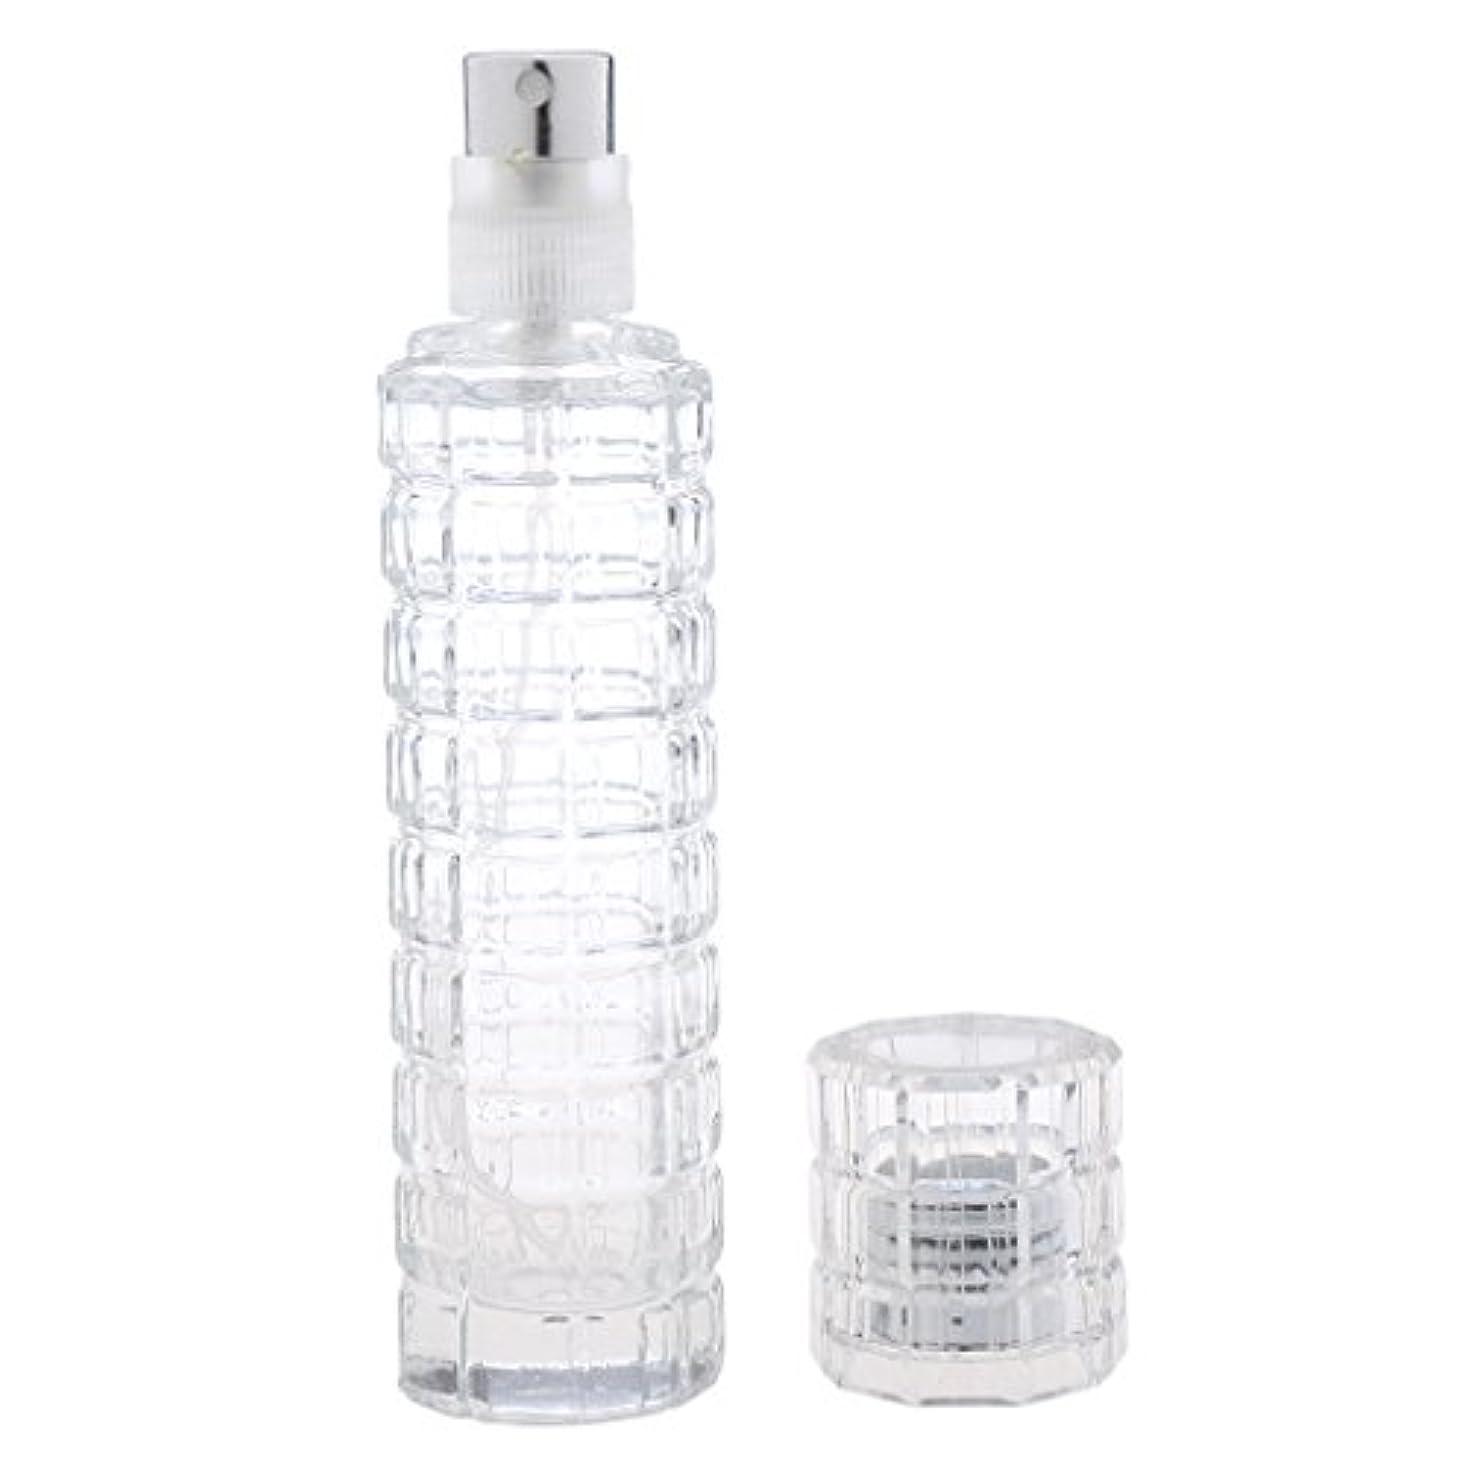 可愛い 空 香水ボトル ガラス 香水瓶 アトマイザー スプレー 旅行用 30ml 便利 クリア